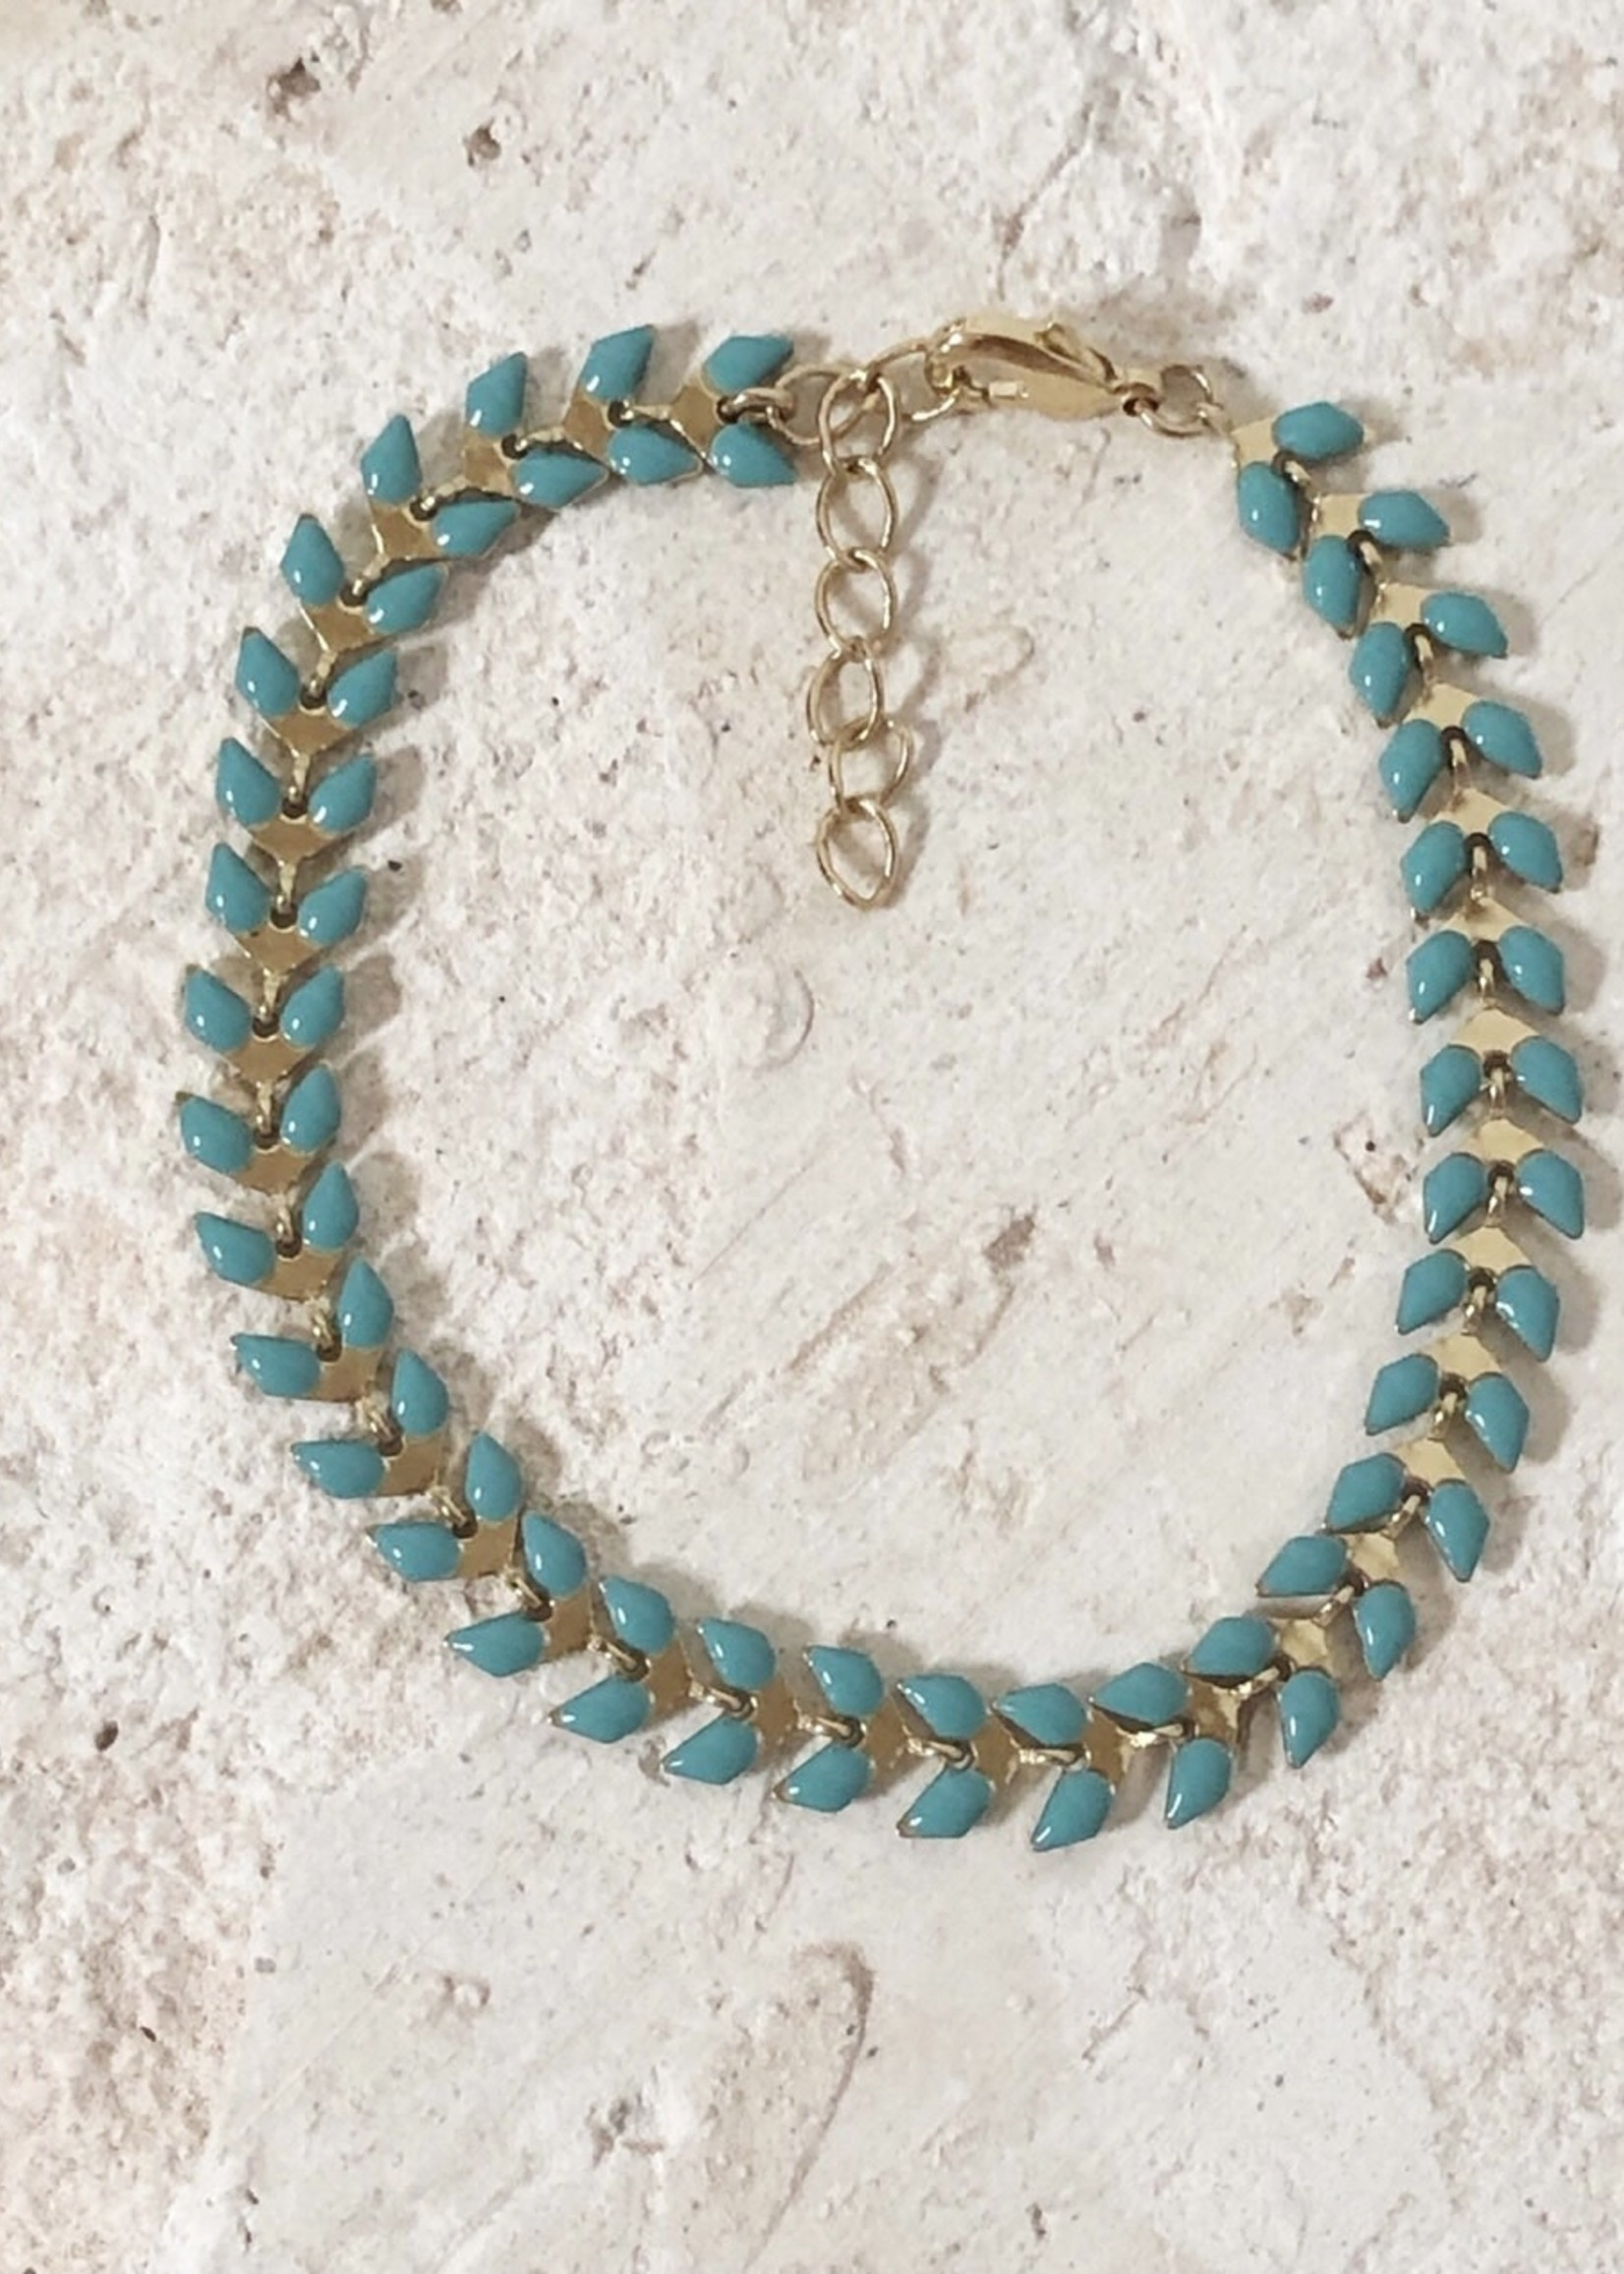 Guts & Goats Turquoise Petals Bracelet